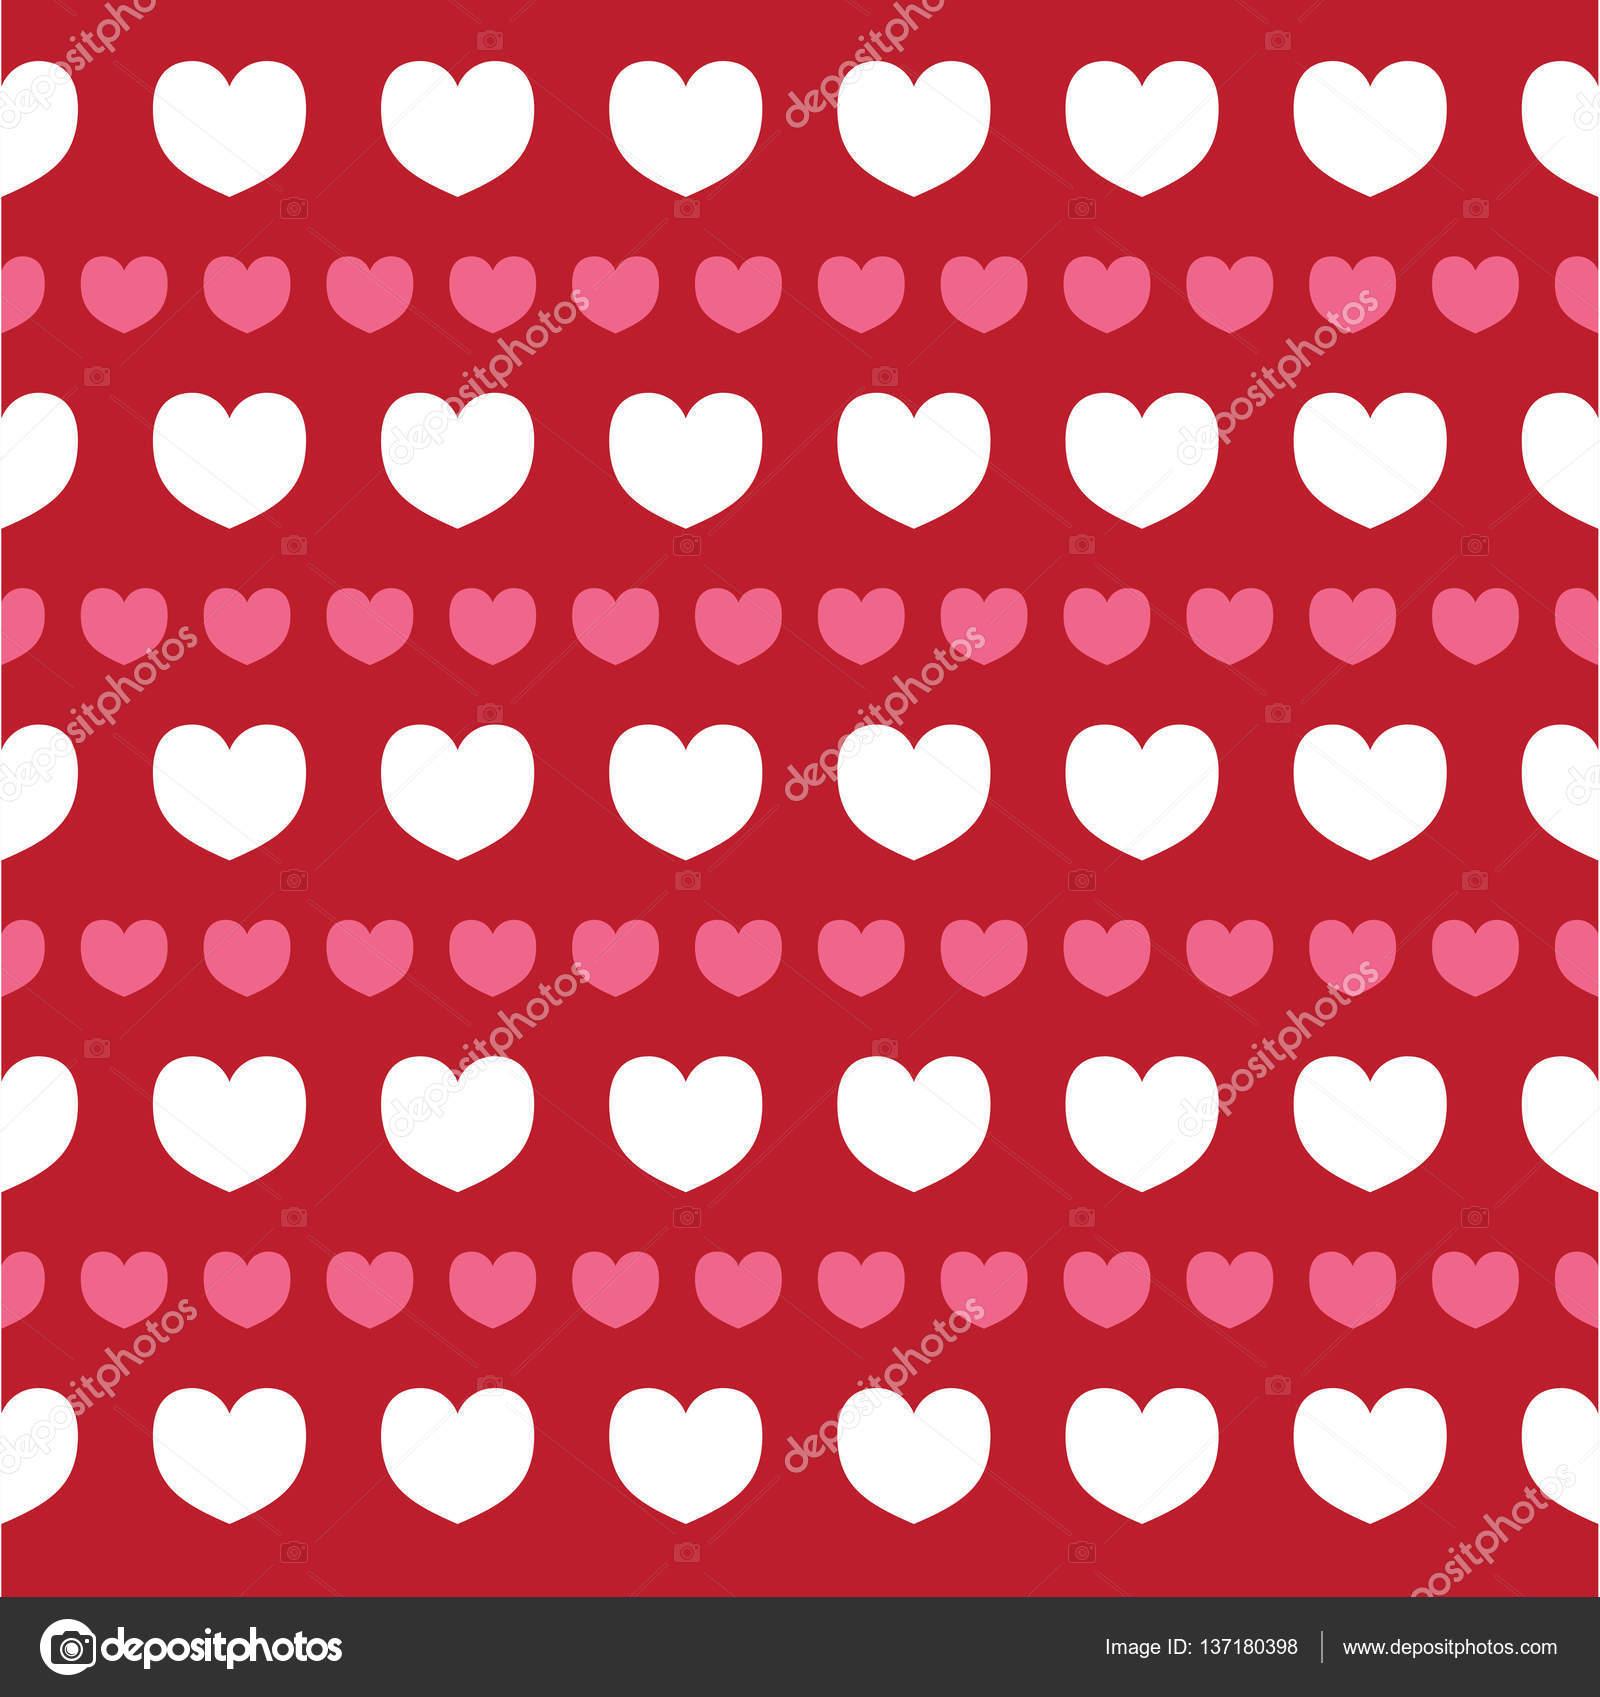 Carta Da Parati Modelli.Texture Romantico Giorno Di San Valentino Cuori Modello Per Carta